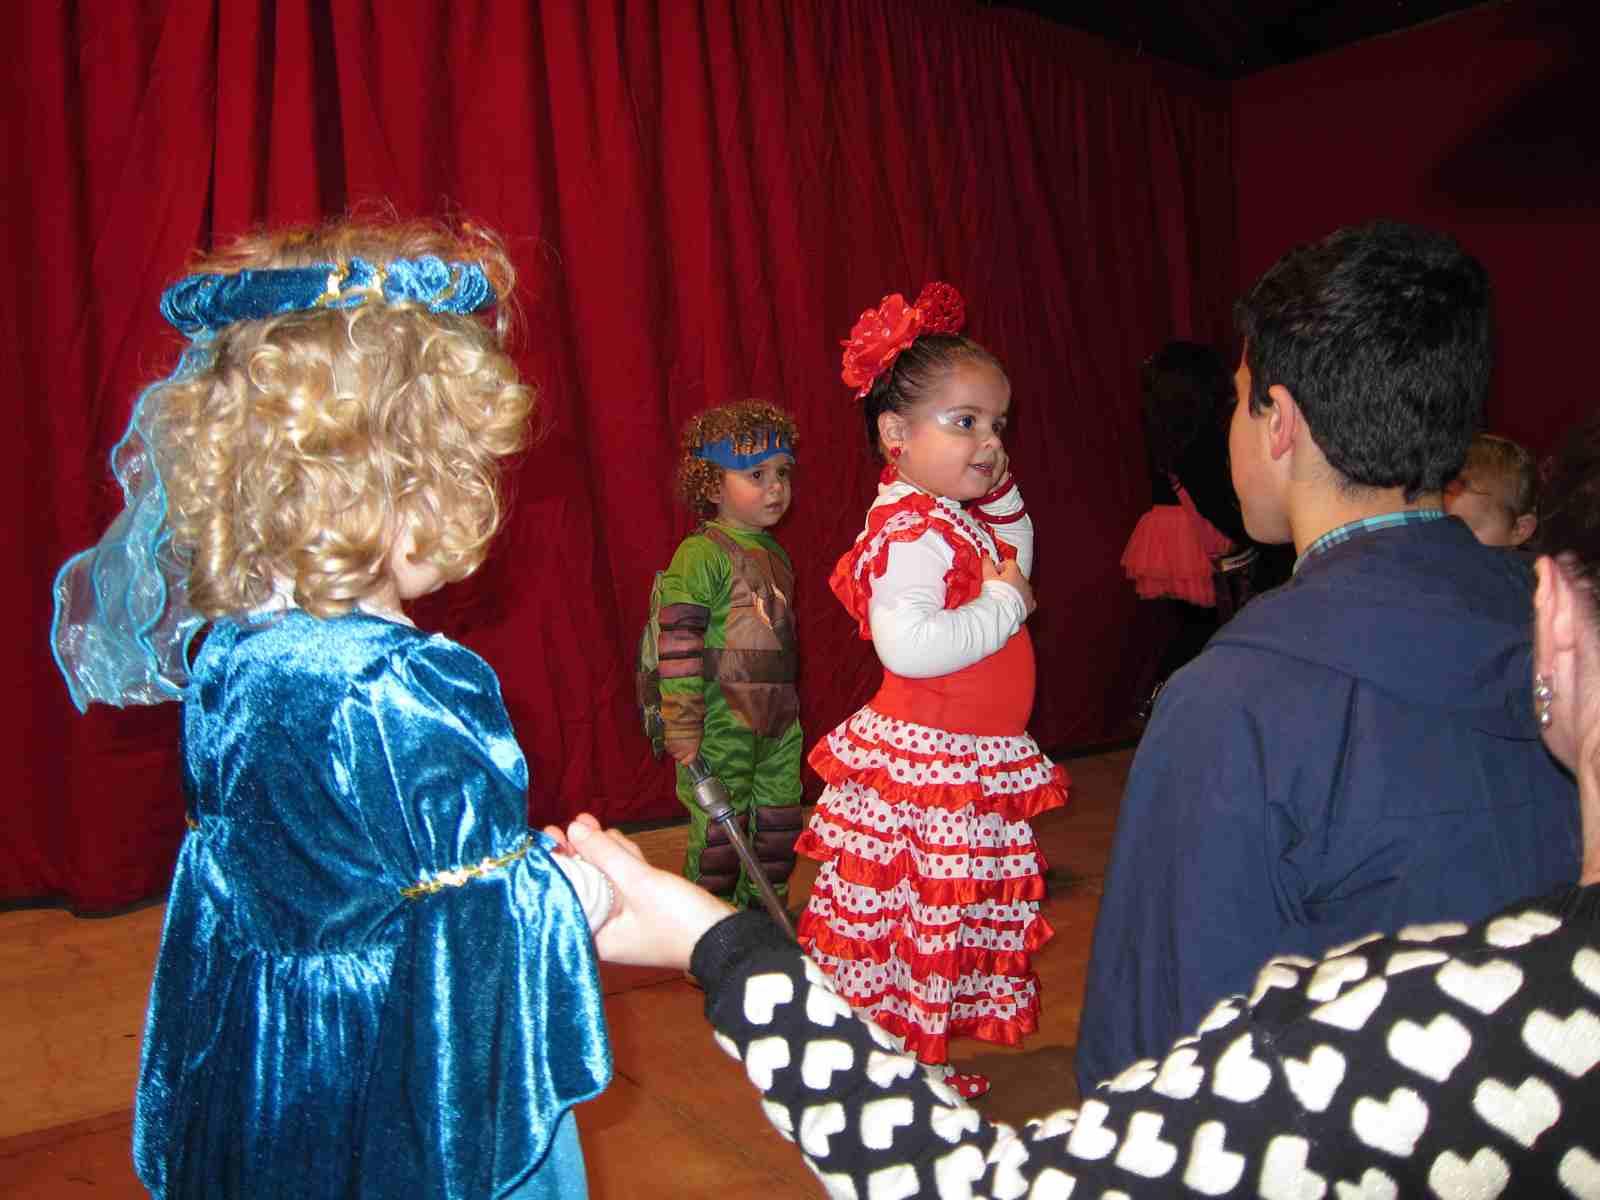 carnaval - Se abre en ventana nueva